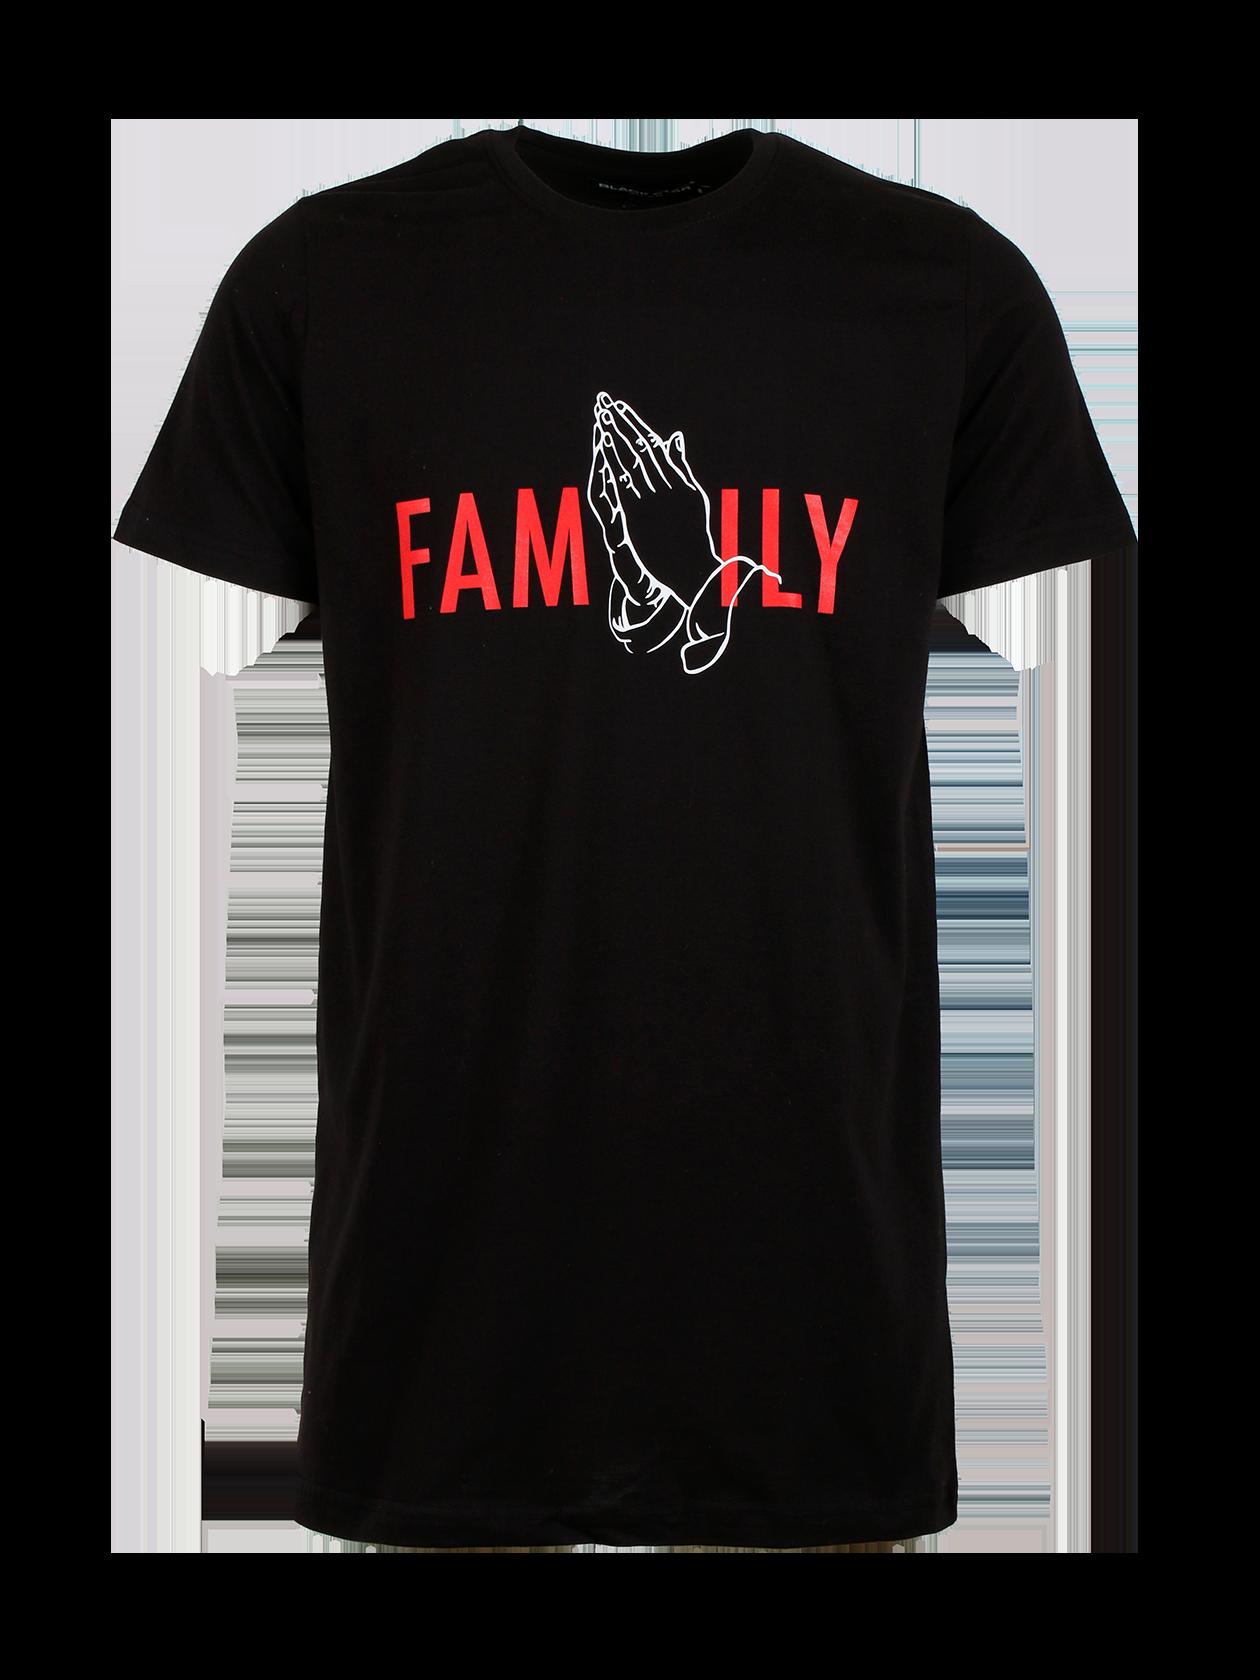 Футболка подростковая EK FAMILYСтильная удлиненная подростковая футболка ЕК Family в черном цвете – модный тренд из официального мерча Егора Крида. Удлиненная широкая модель с приспущенной линией плеча и свободным коротким рукавом. Горловина в форме лодочки с жаккардовым лейблом по внутреннему краю спинки. На груди эффектная красная надпись «Family» с принтом «соединенные ладони». На спине фирменный знак ЕК белыми буквами и красная подпись Егор Крид. Изделие выполнено из премиального хлопка. Достойная вещь для создания стиля на каждый день.<br><br>Размер: 12-14 years<br>Цвет: Черный<br>Пол: Унисекс